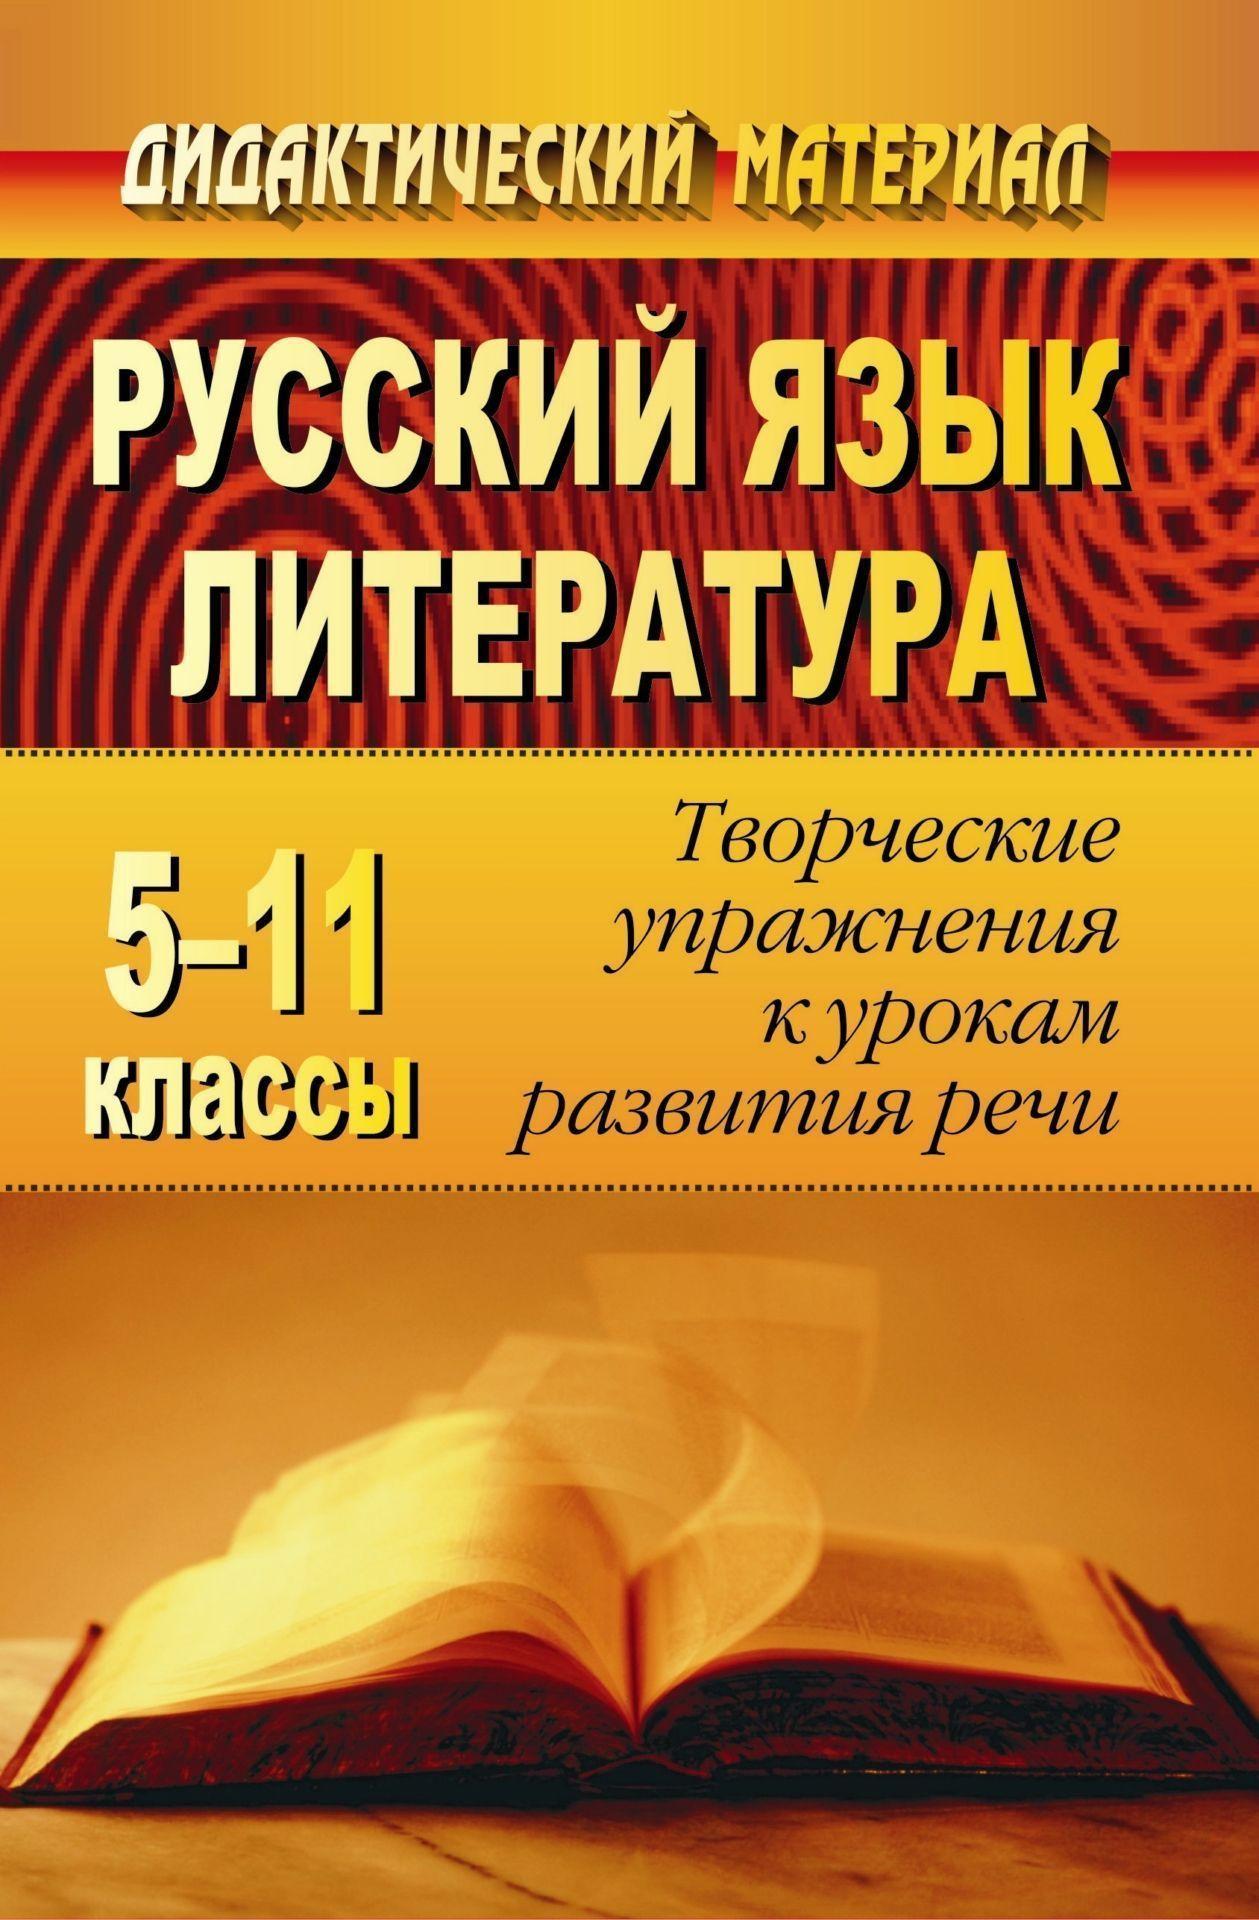 Русский язык и литература. 5-11 классы: творческие упражнения к урокам развития речи